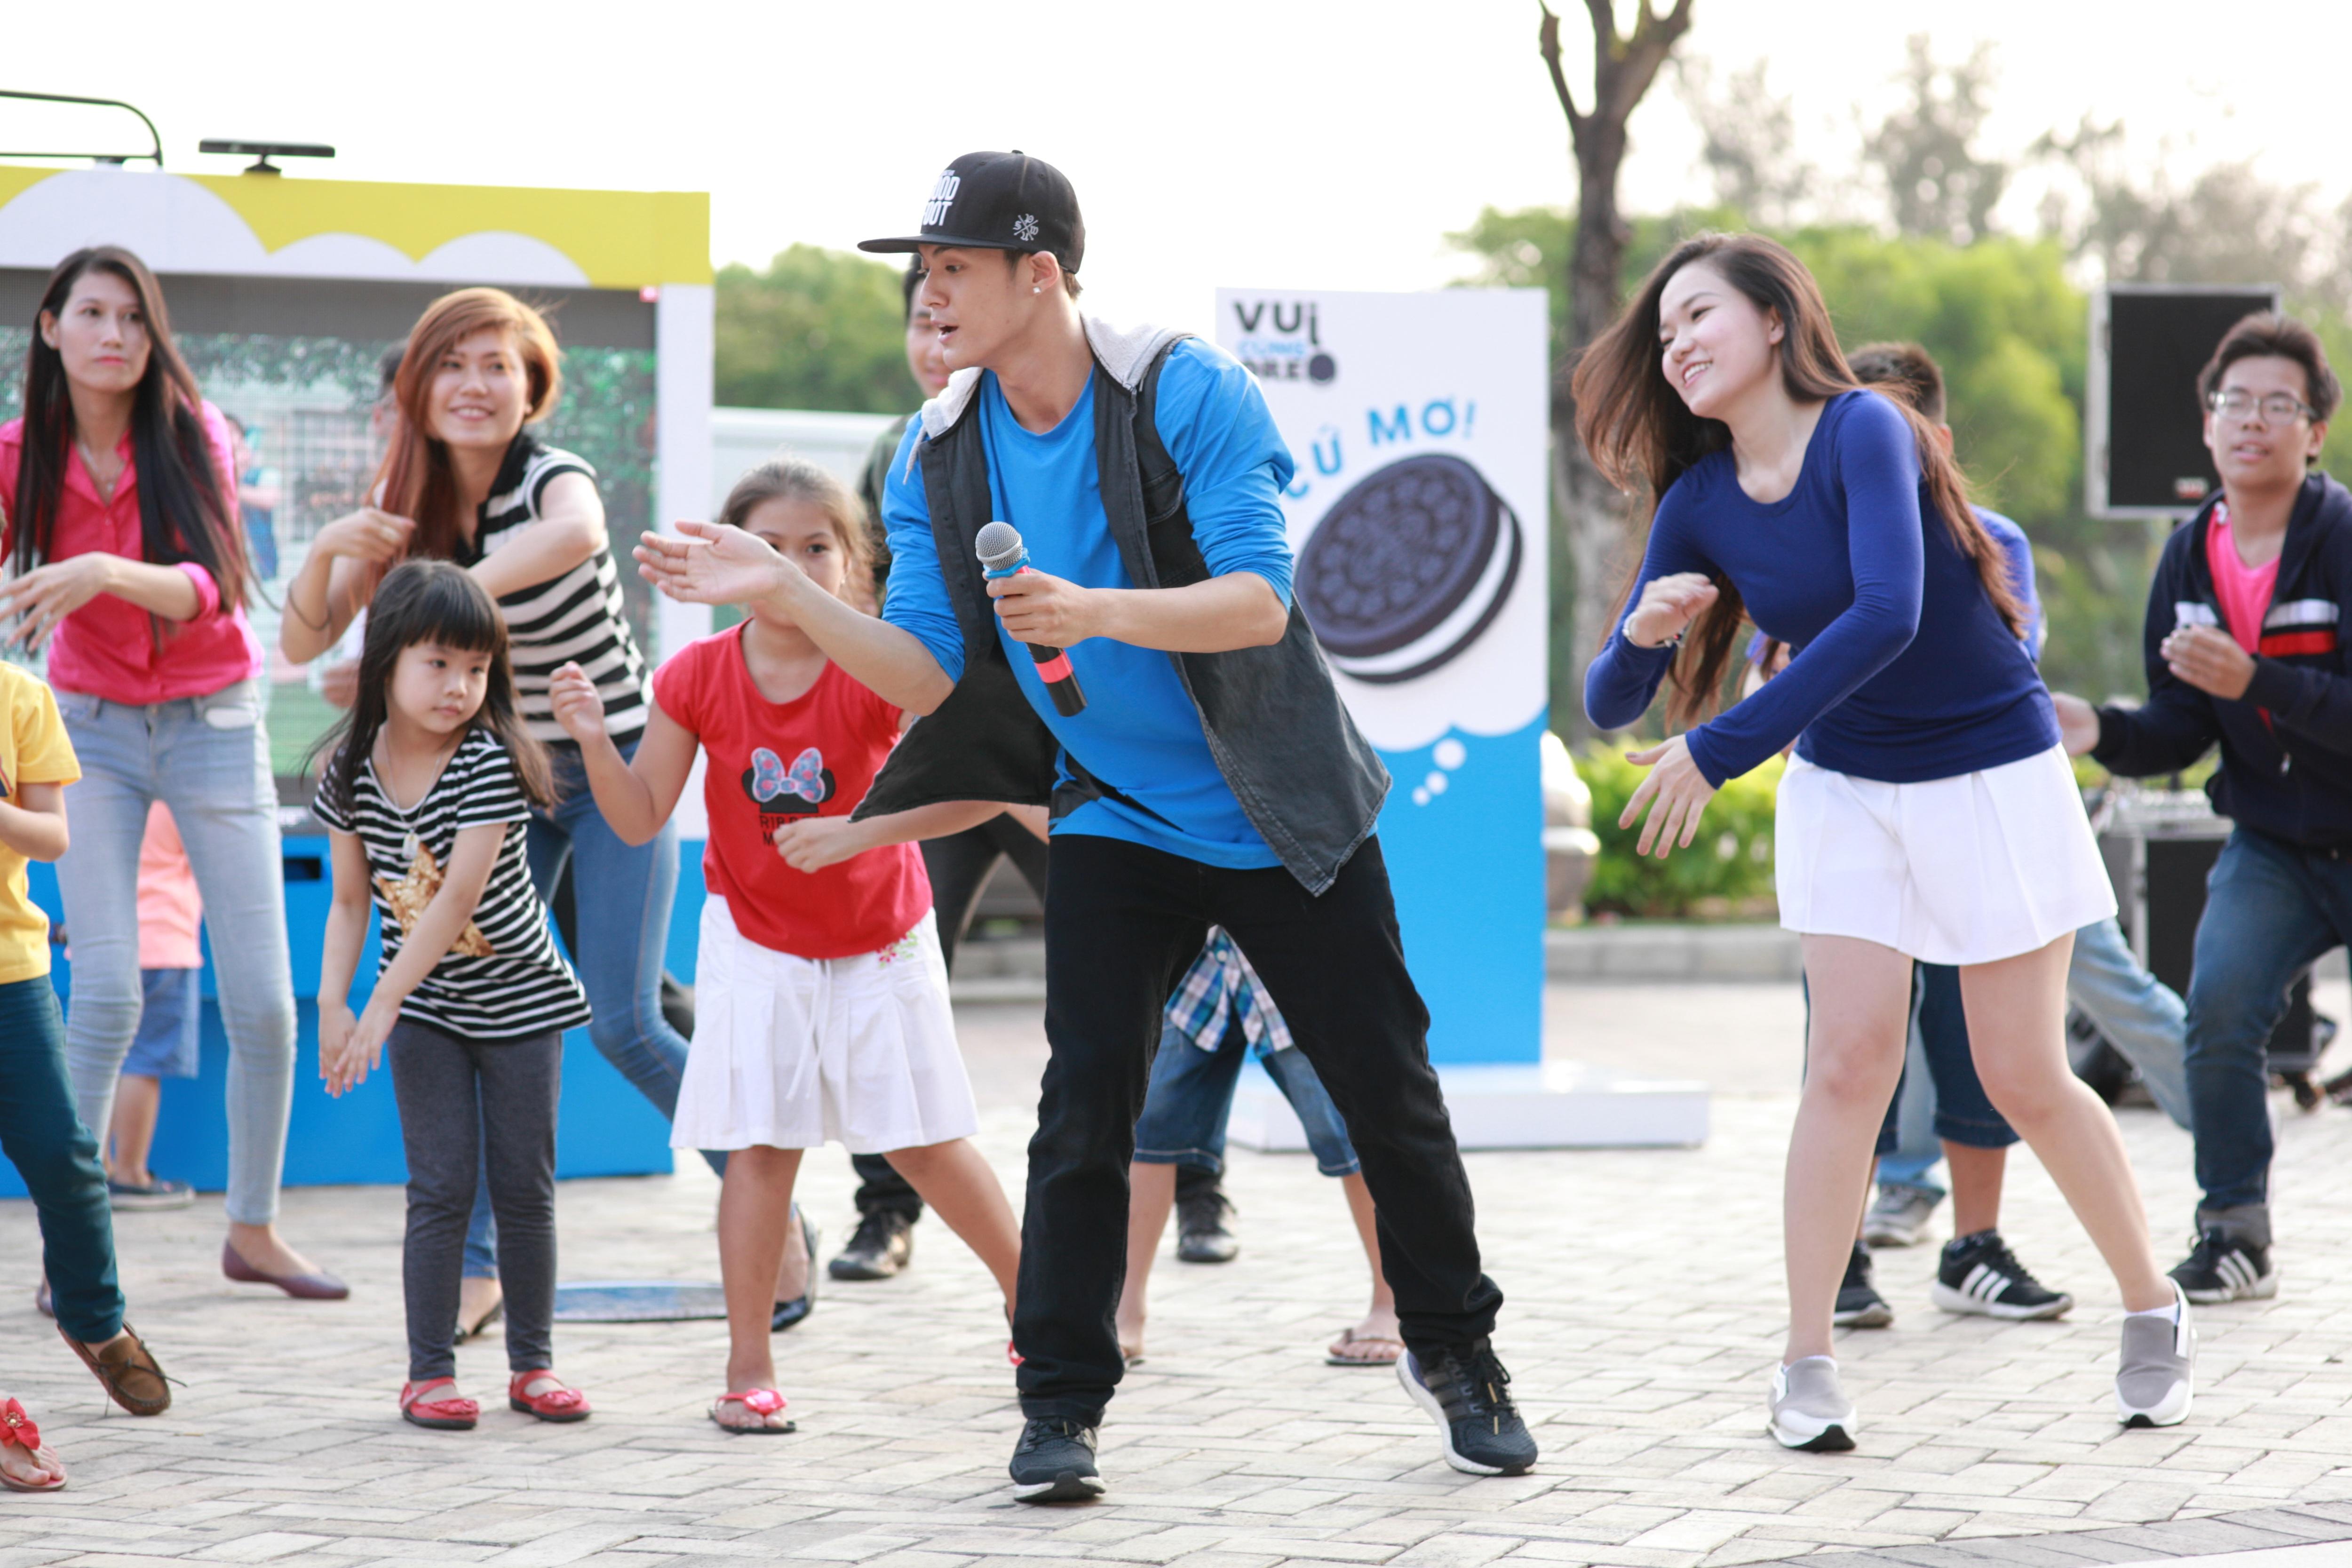 Lâm Vinh Hải hướng dẫn mọi người hòa nhịp với điệu nhảy cookies